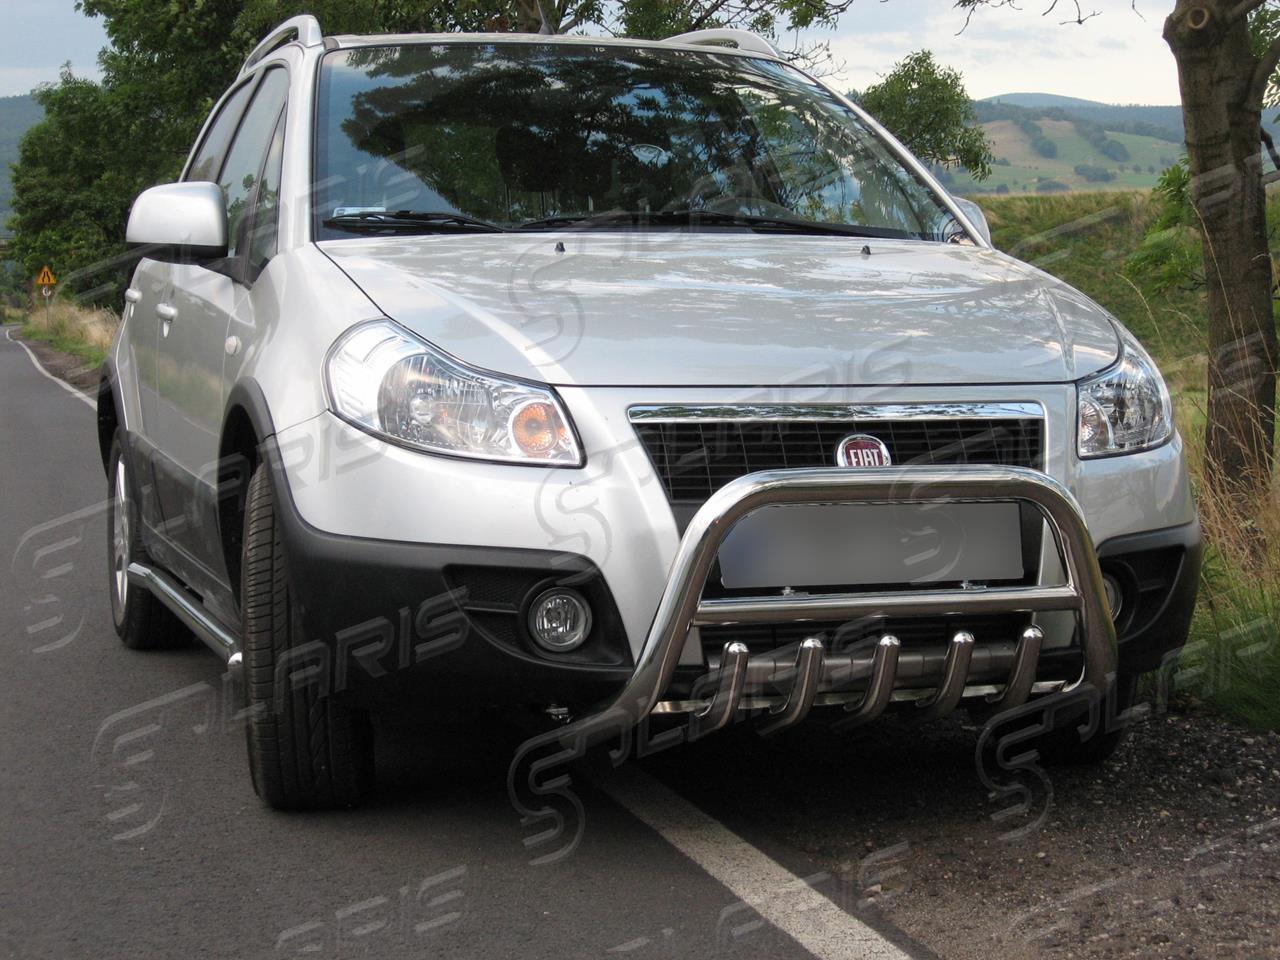 Pour Fiat Sedici 06-14 SX4 06-13 Nouveau Pare-chocs avant Support à Gauche N//S